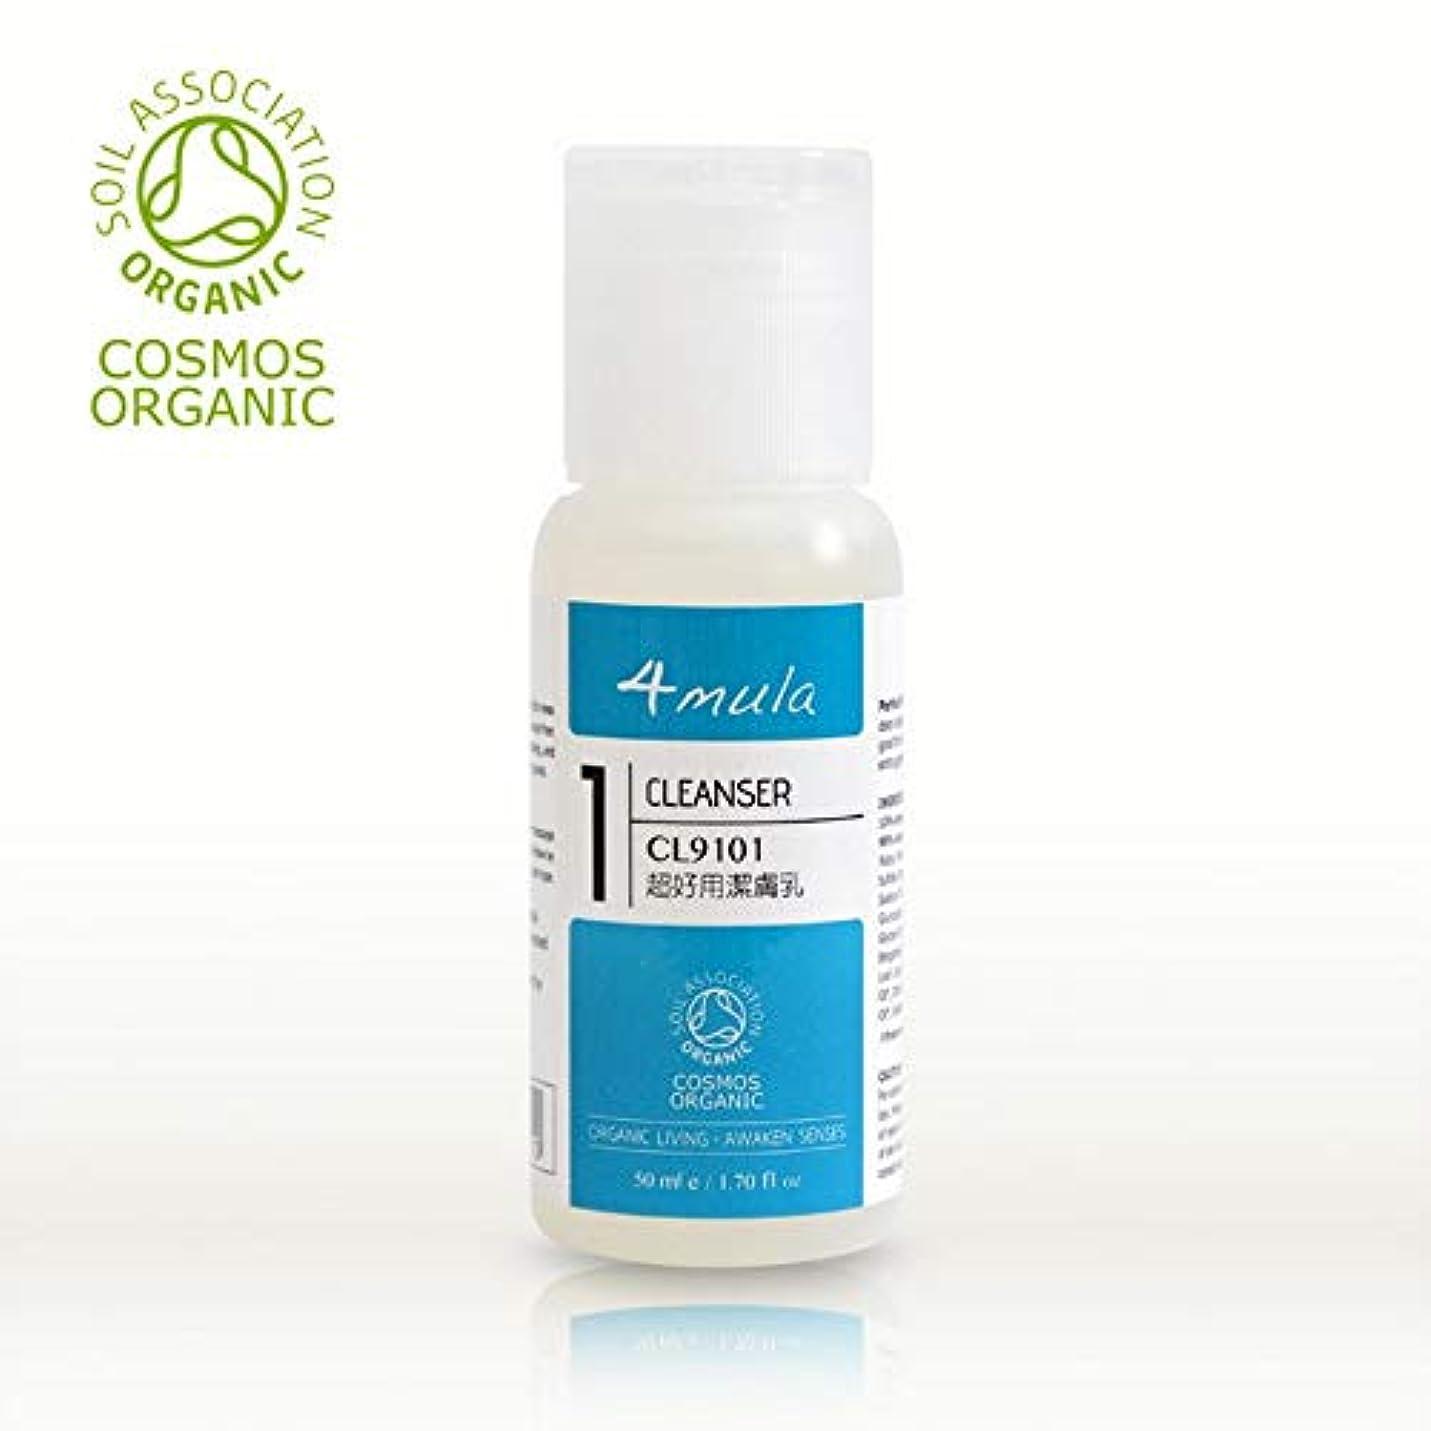 バー前進バケットCL9101 超好用潔膚乳 PERFECT WASH CL9101 50ml/1.70 fl oz